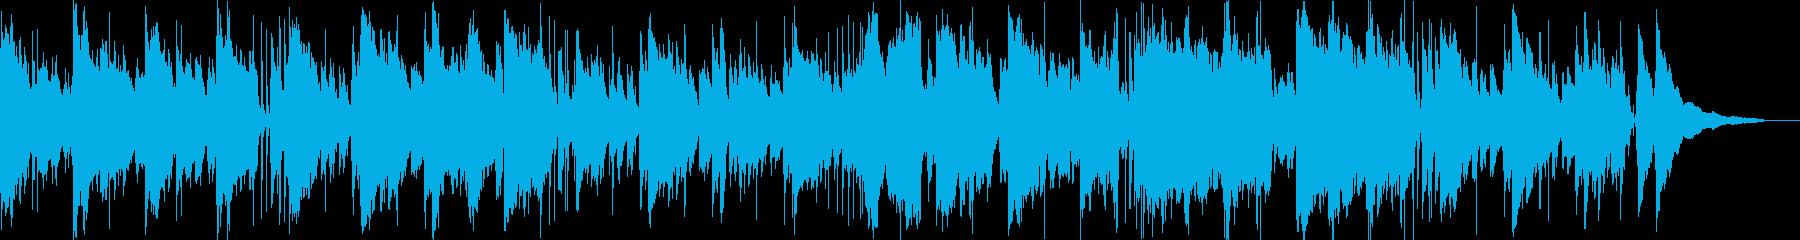 ゆったりとしたボサノバです。の再生済みの波形